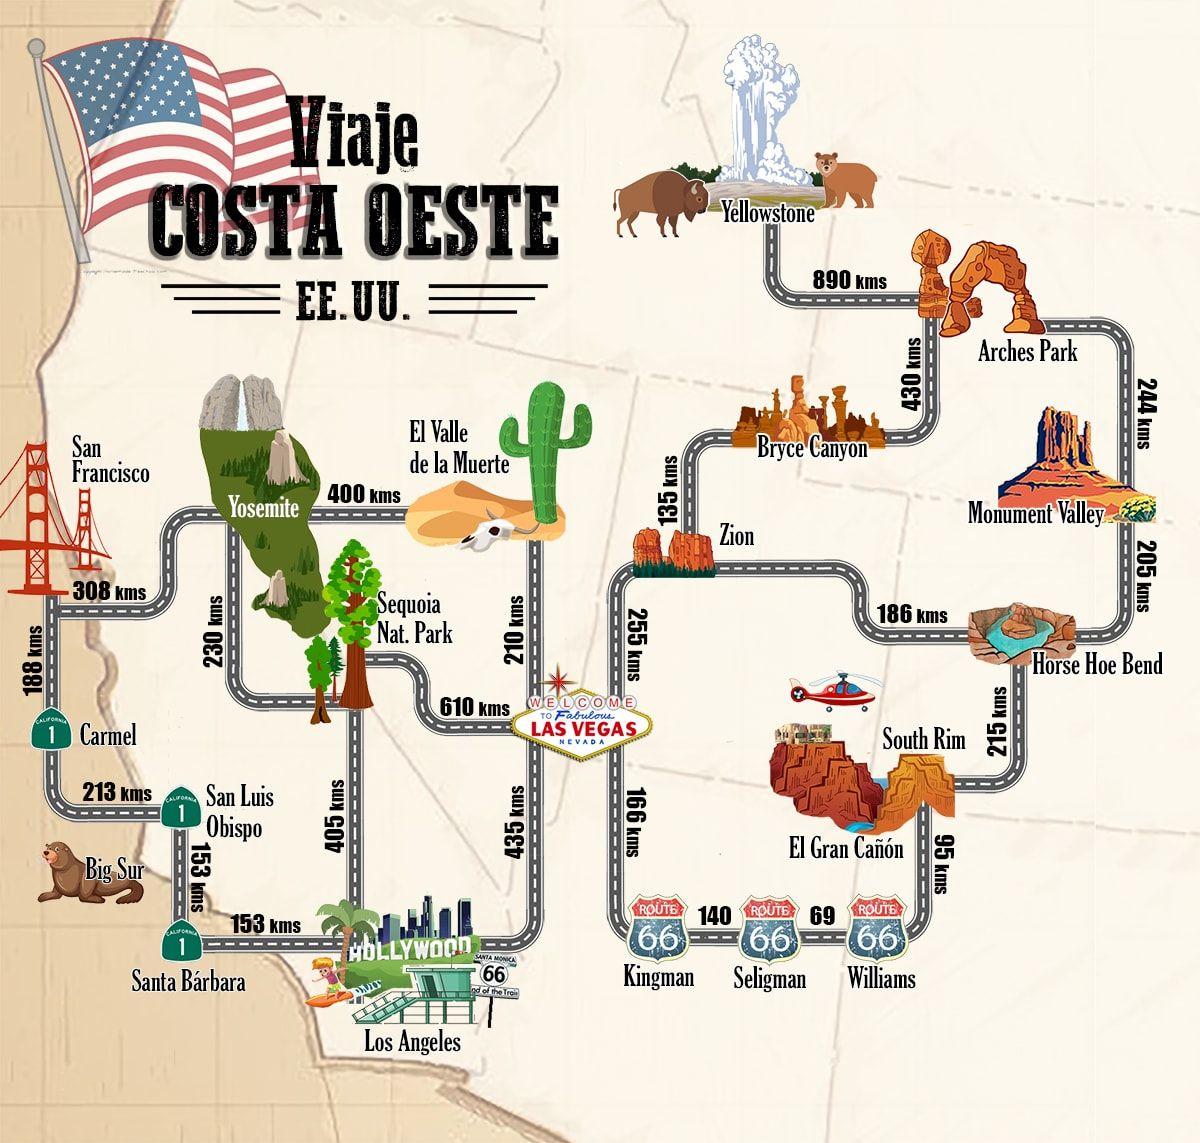 Mapa Eeuu Costa Oeste.Mapa Viaje Costa Oeste Eeuu En 2019 Costa Oeste Viaje A